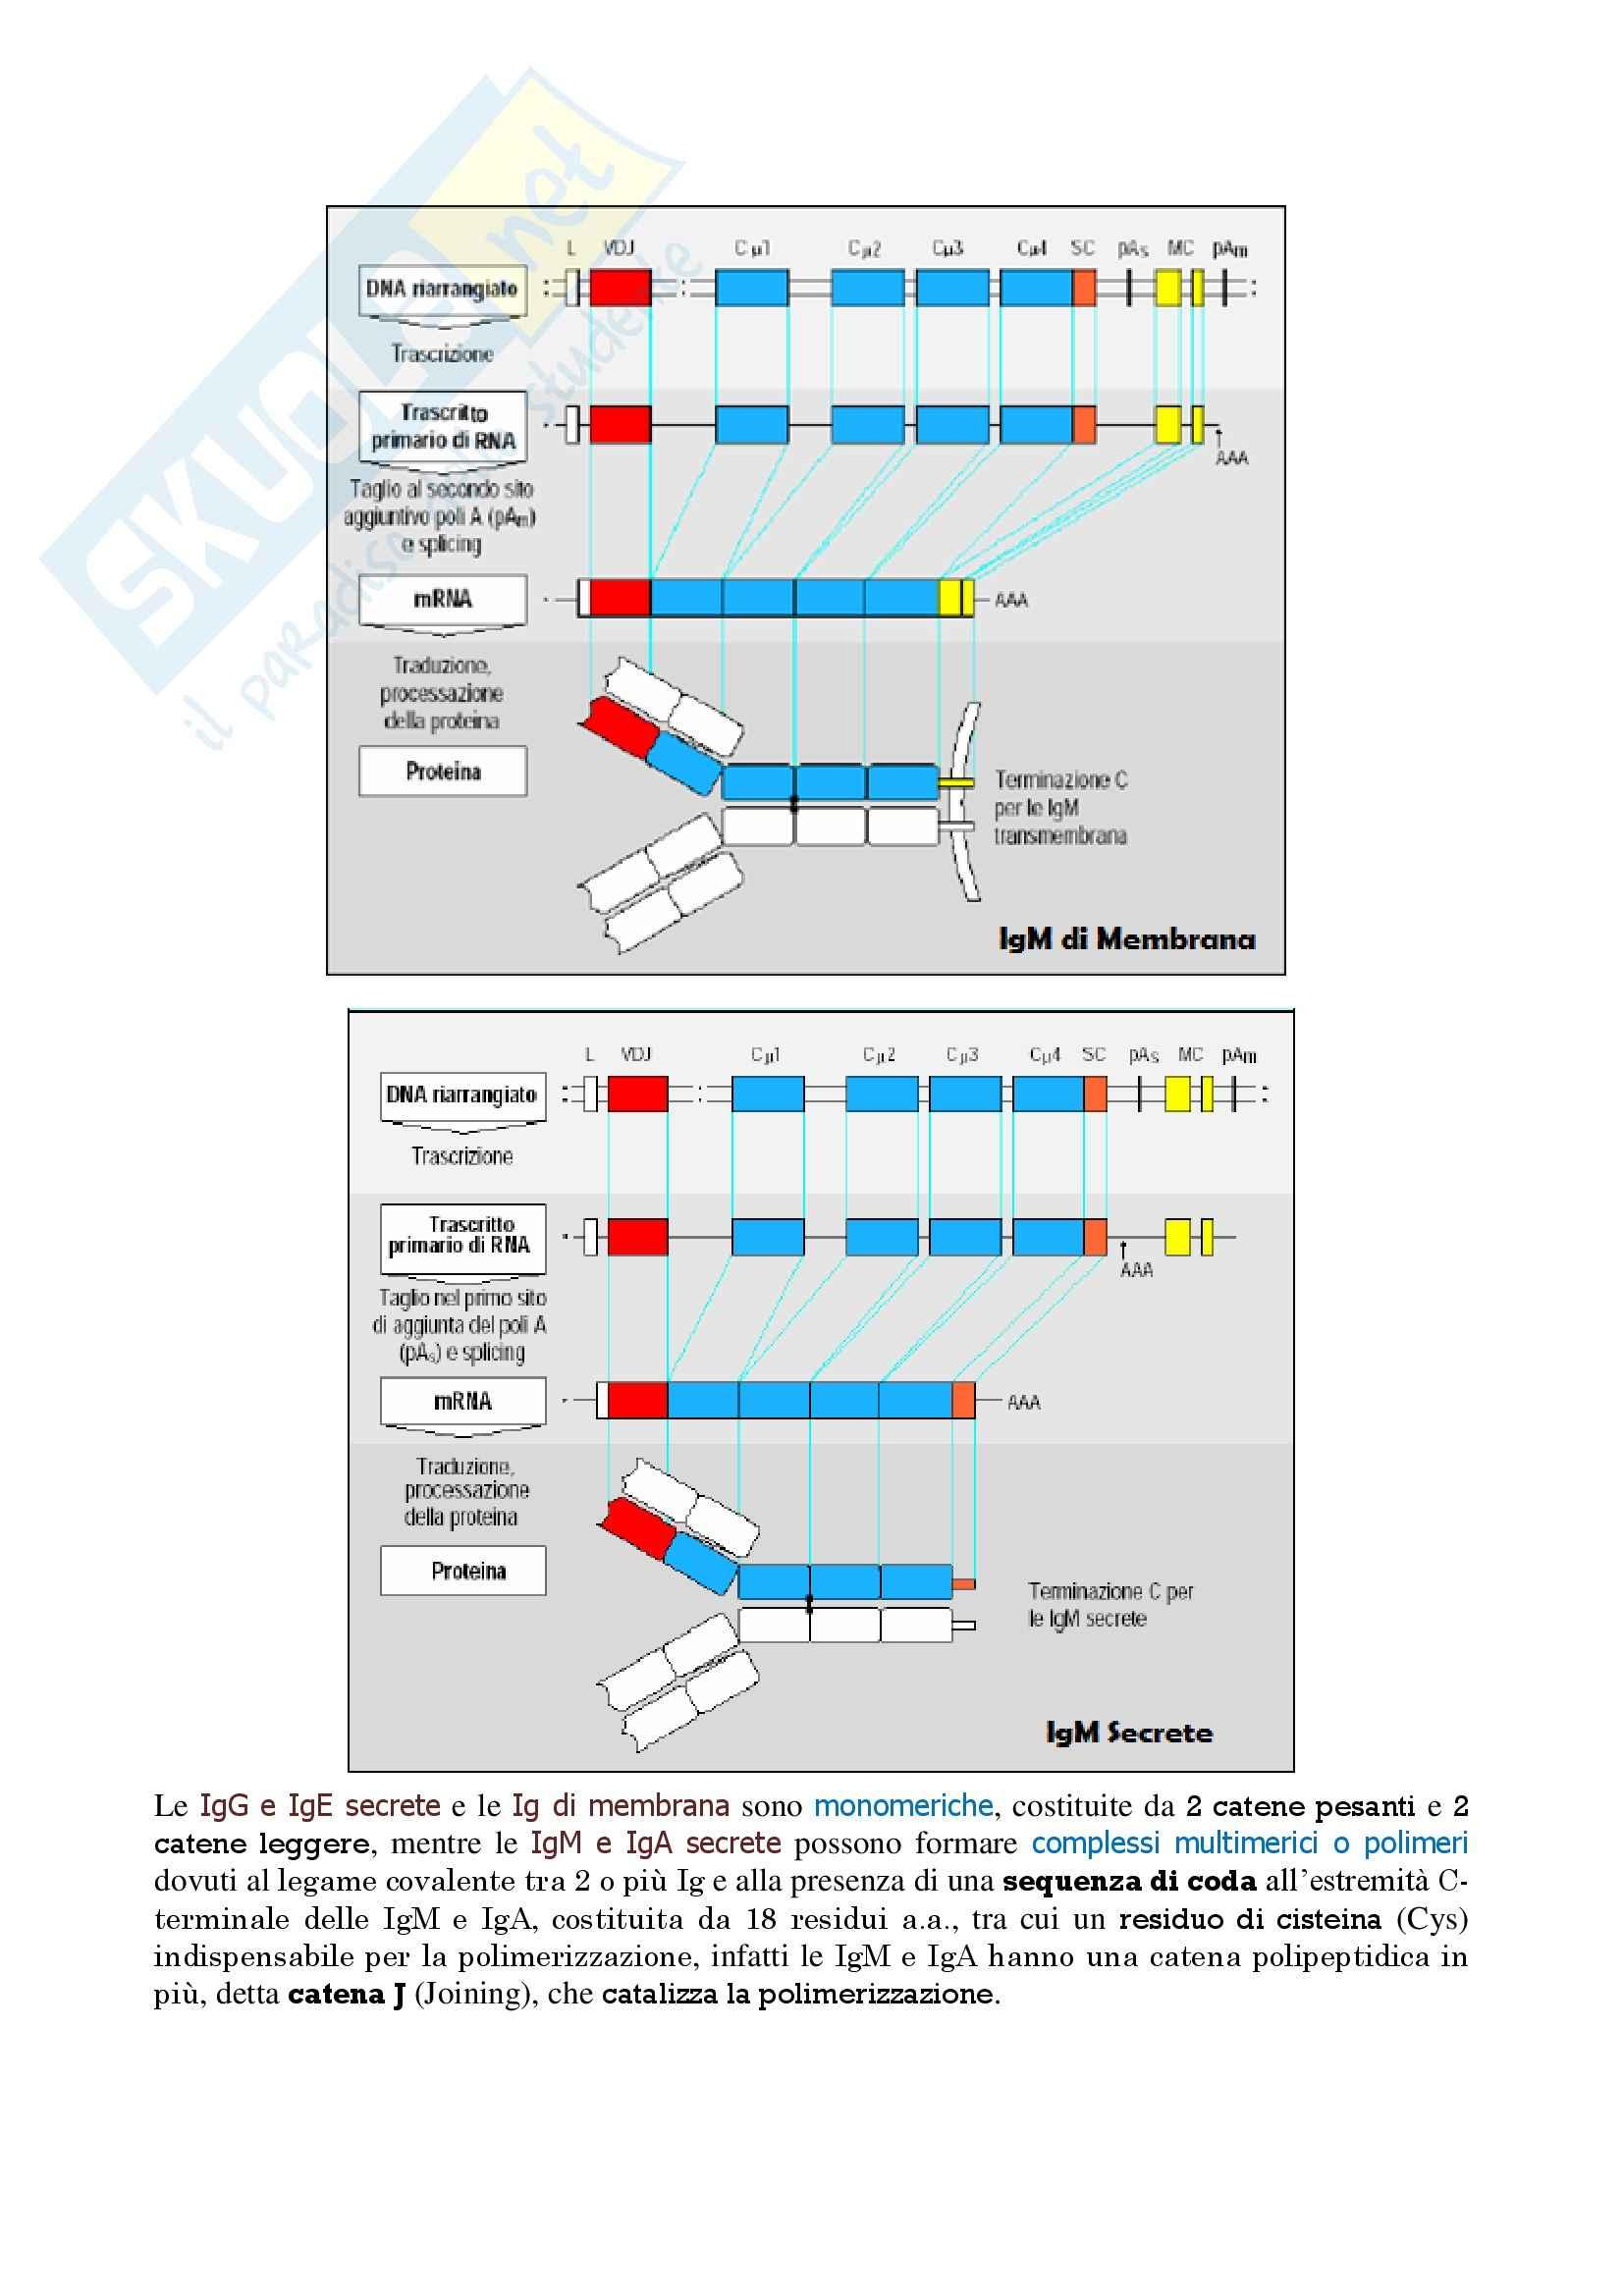 Immunologia - maturazione linfociti B Pag. 6